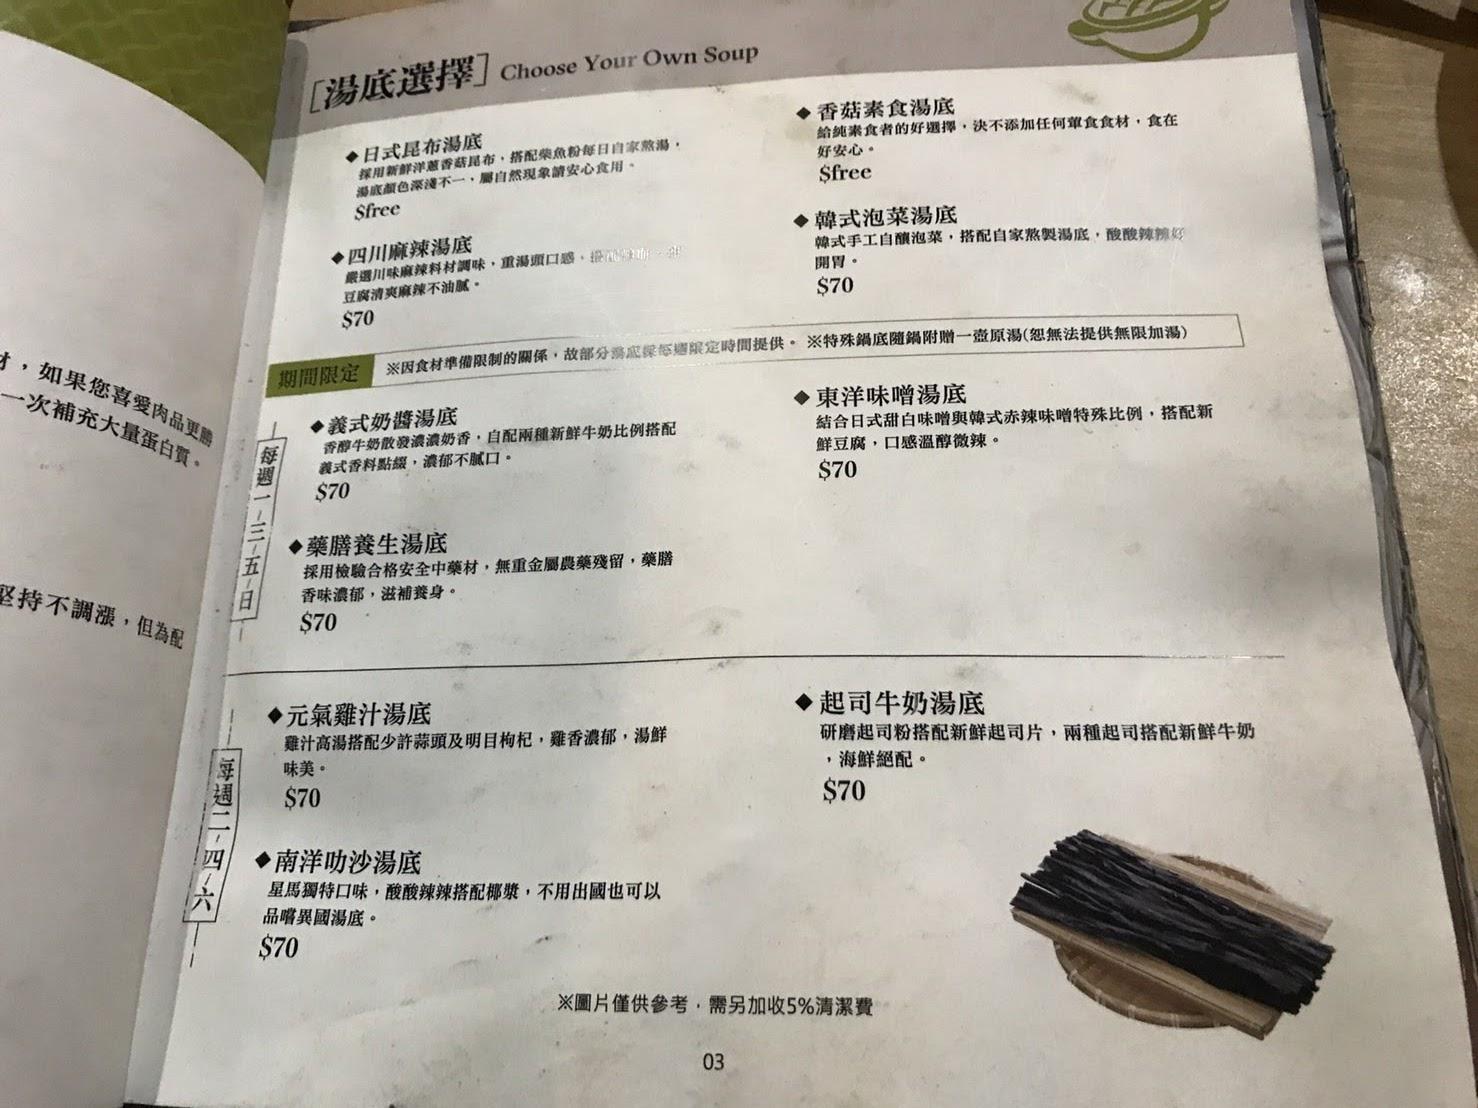 沐也日式涮涮鍋 菜單